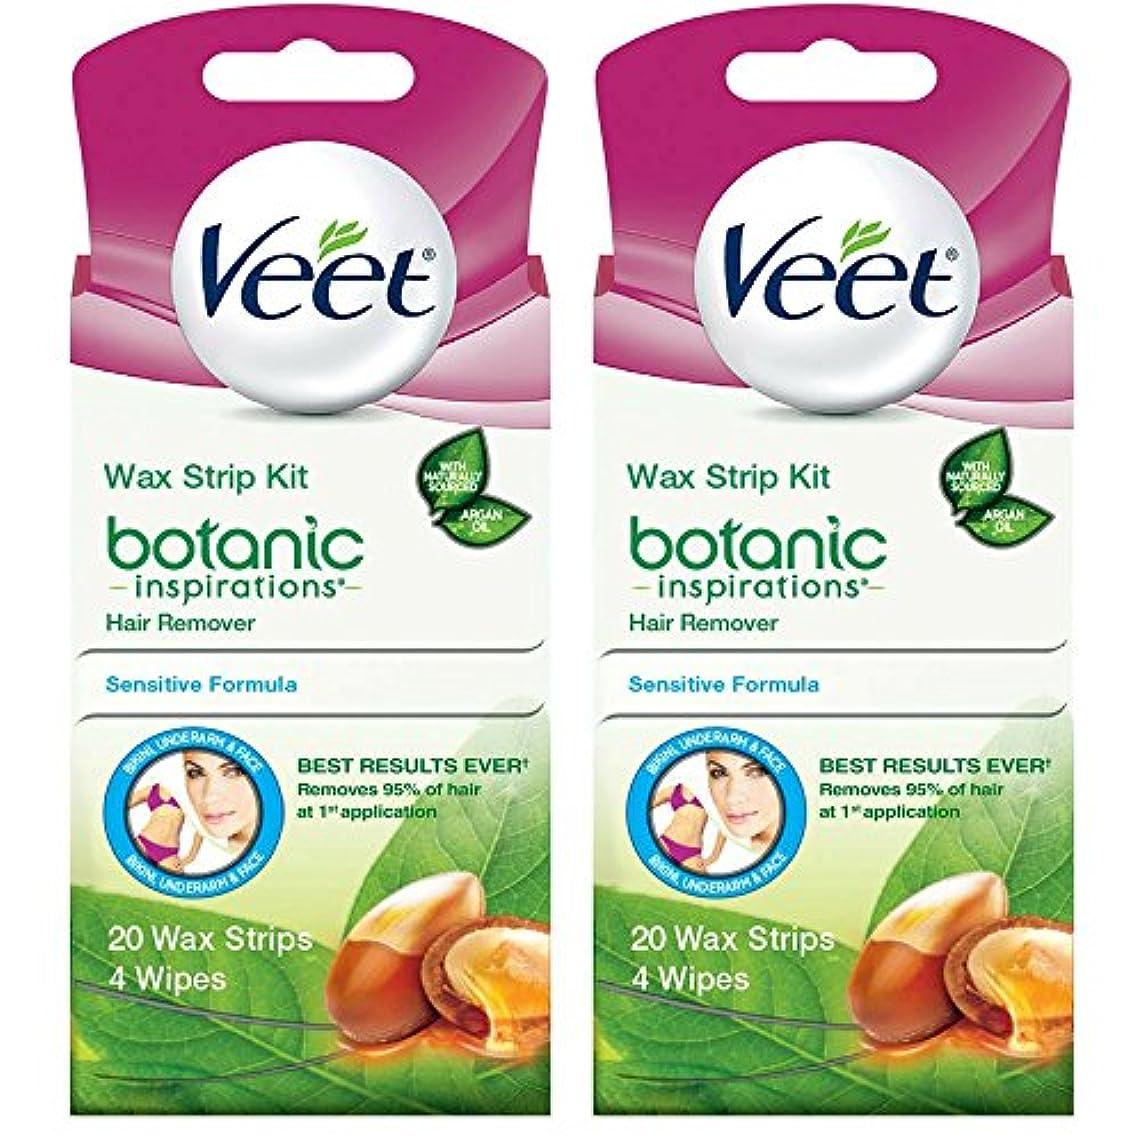 操縦するエロチック延ばす海外直送品 2箱 Veet Ready to Use Wax Strips Hair Remover for Body, & Face - 20 回分